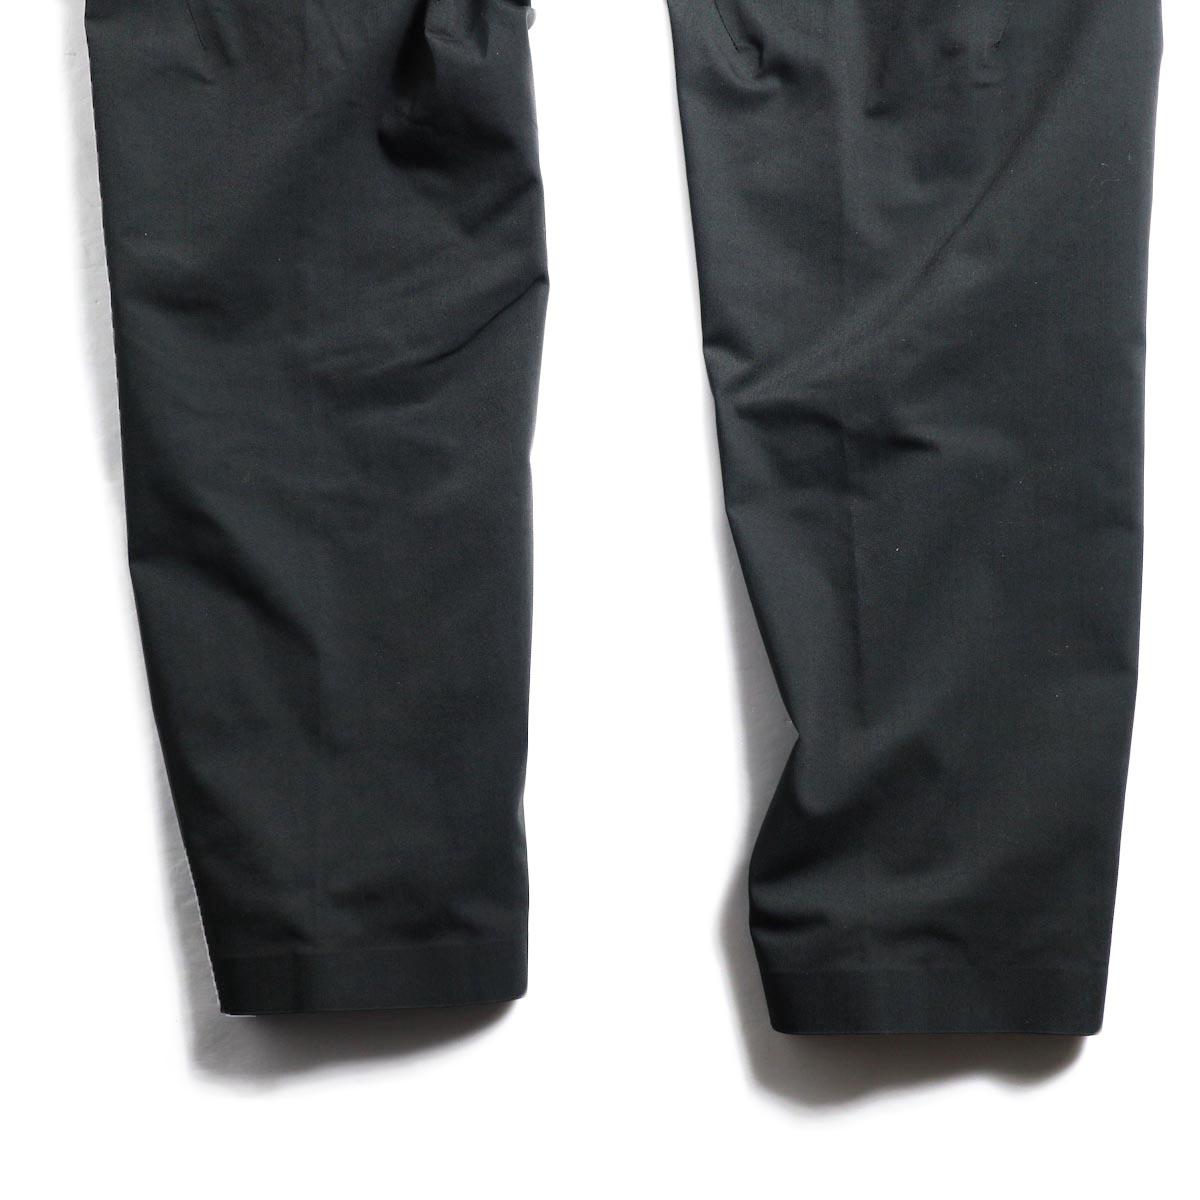 DESCENTE ALLTERAIN / Boa Long Pants Tapered Fit -Black 裾